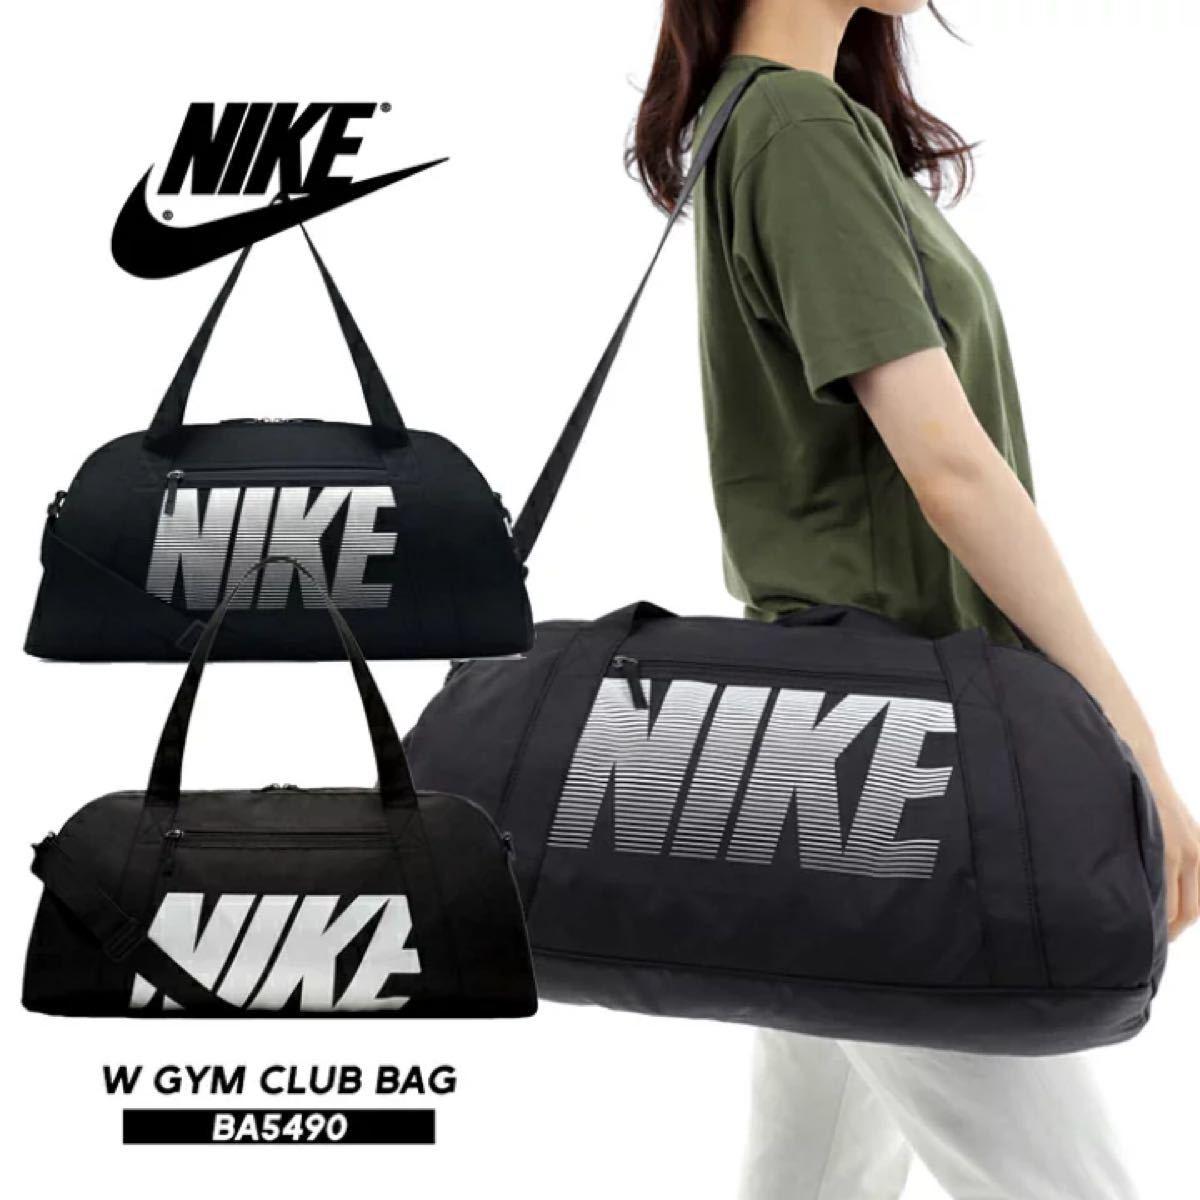 NIKE ダッフルバッグ ボストンバッグ カバン 鞄 かばん ナイキ